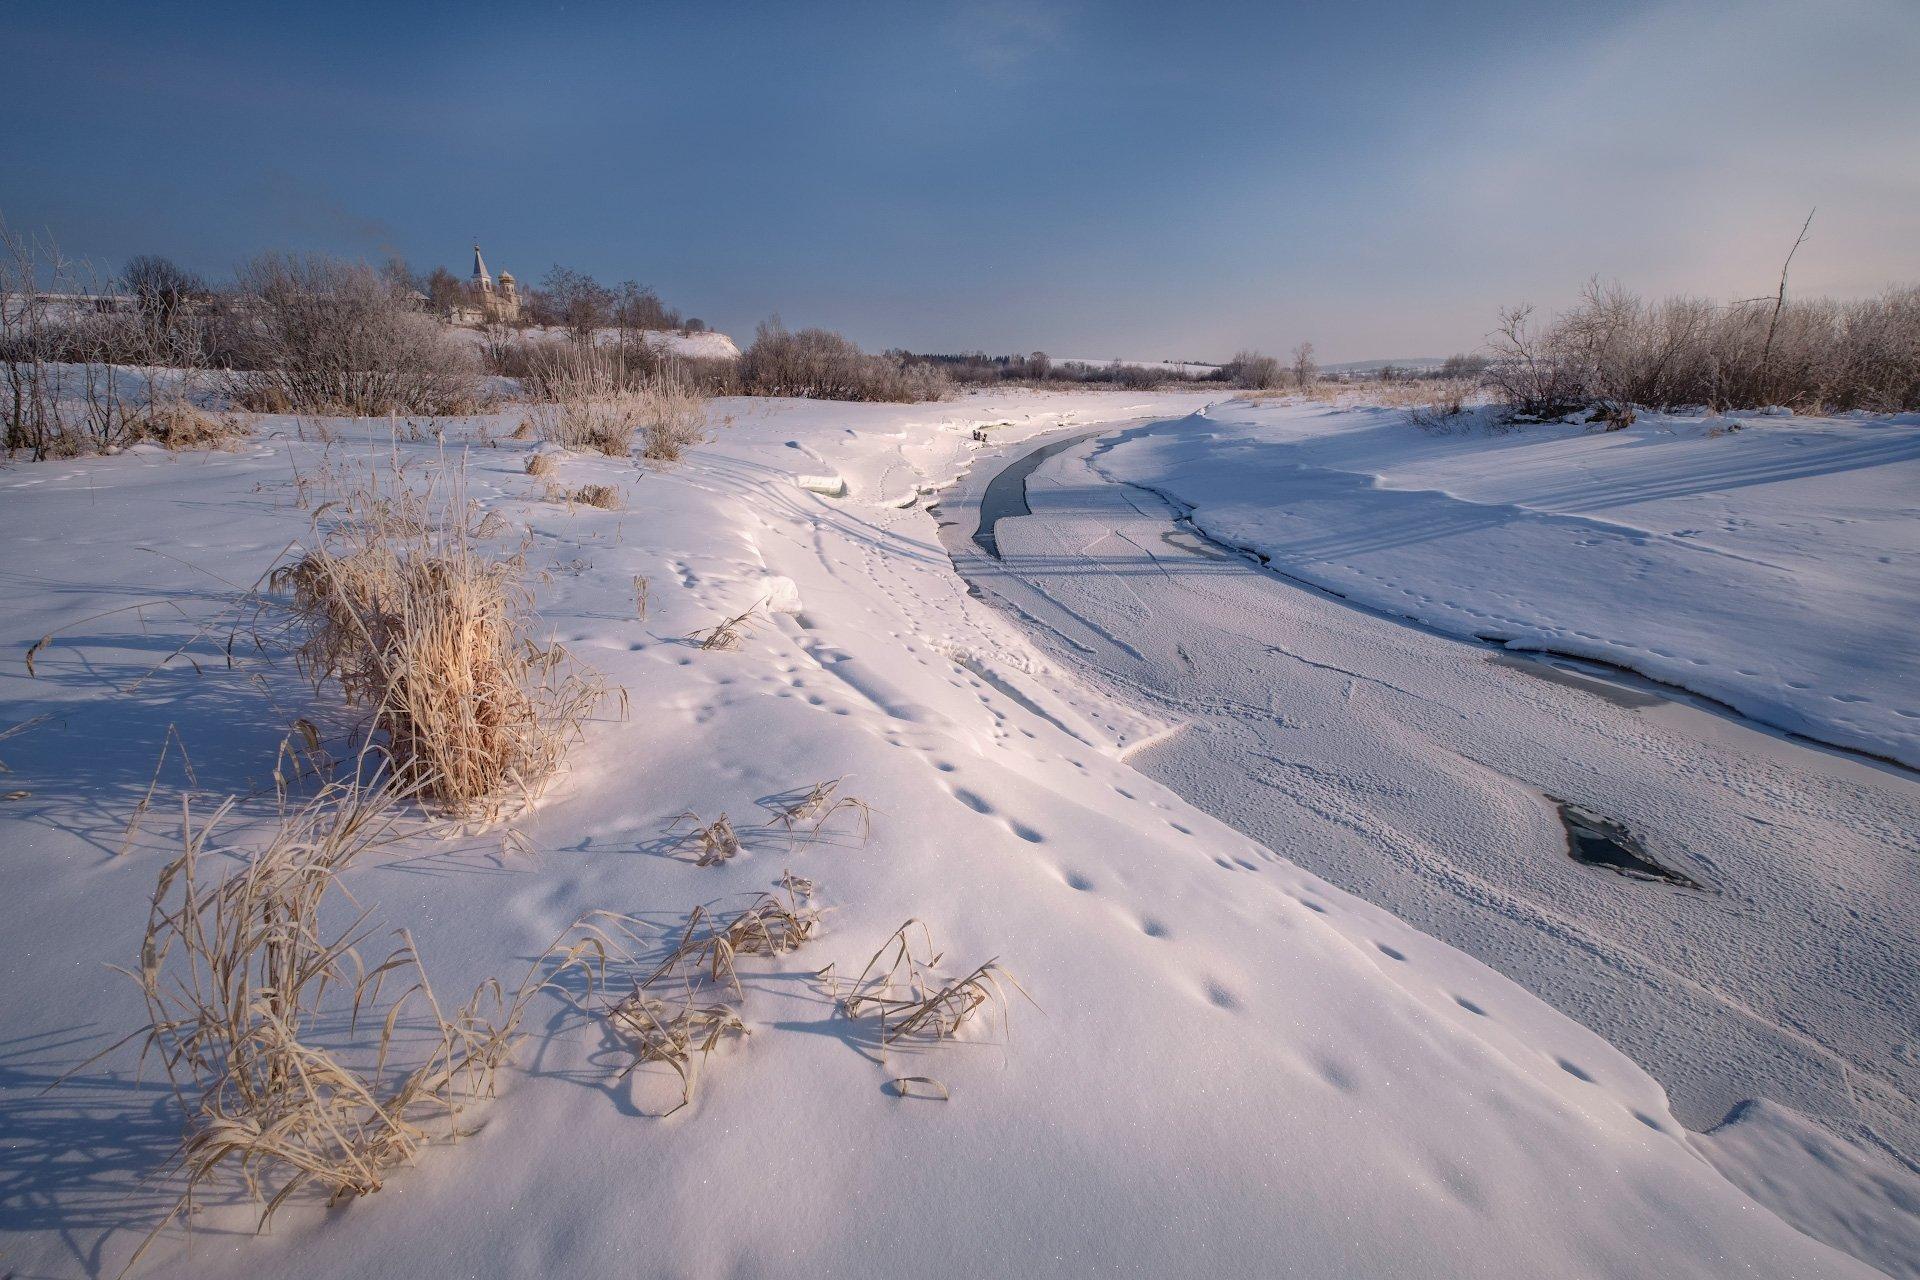 пейзаж, зима, река, лед, снег, утро, рассвет, восход, мороз, холод, усолка, пермь, пермский край, пустынь, храм, путешествие, Андрей Чиж